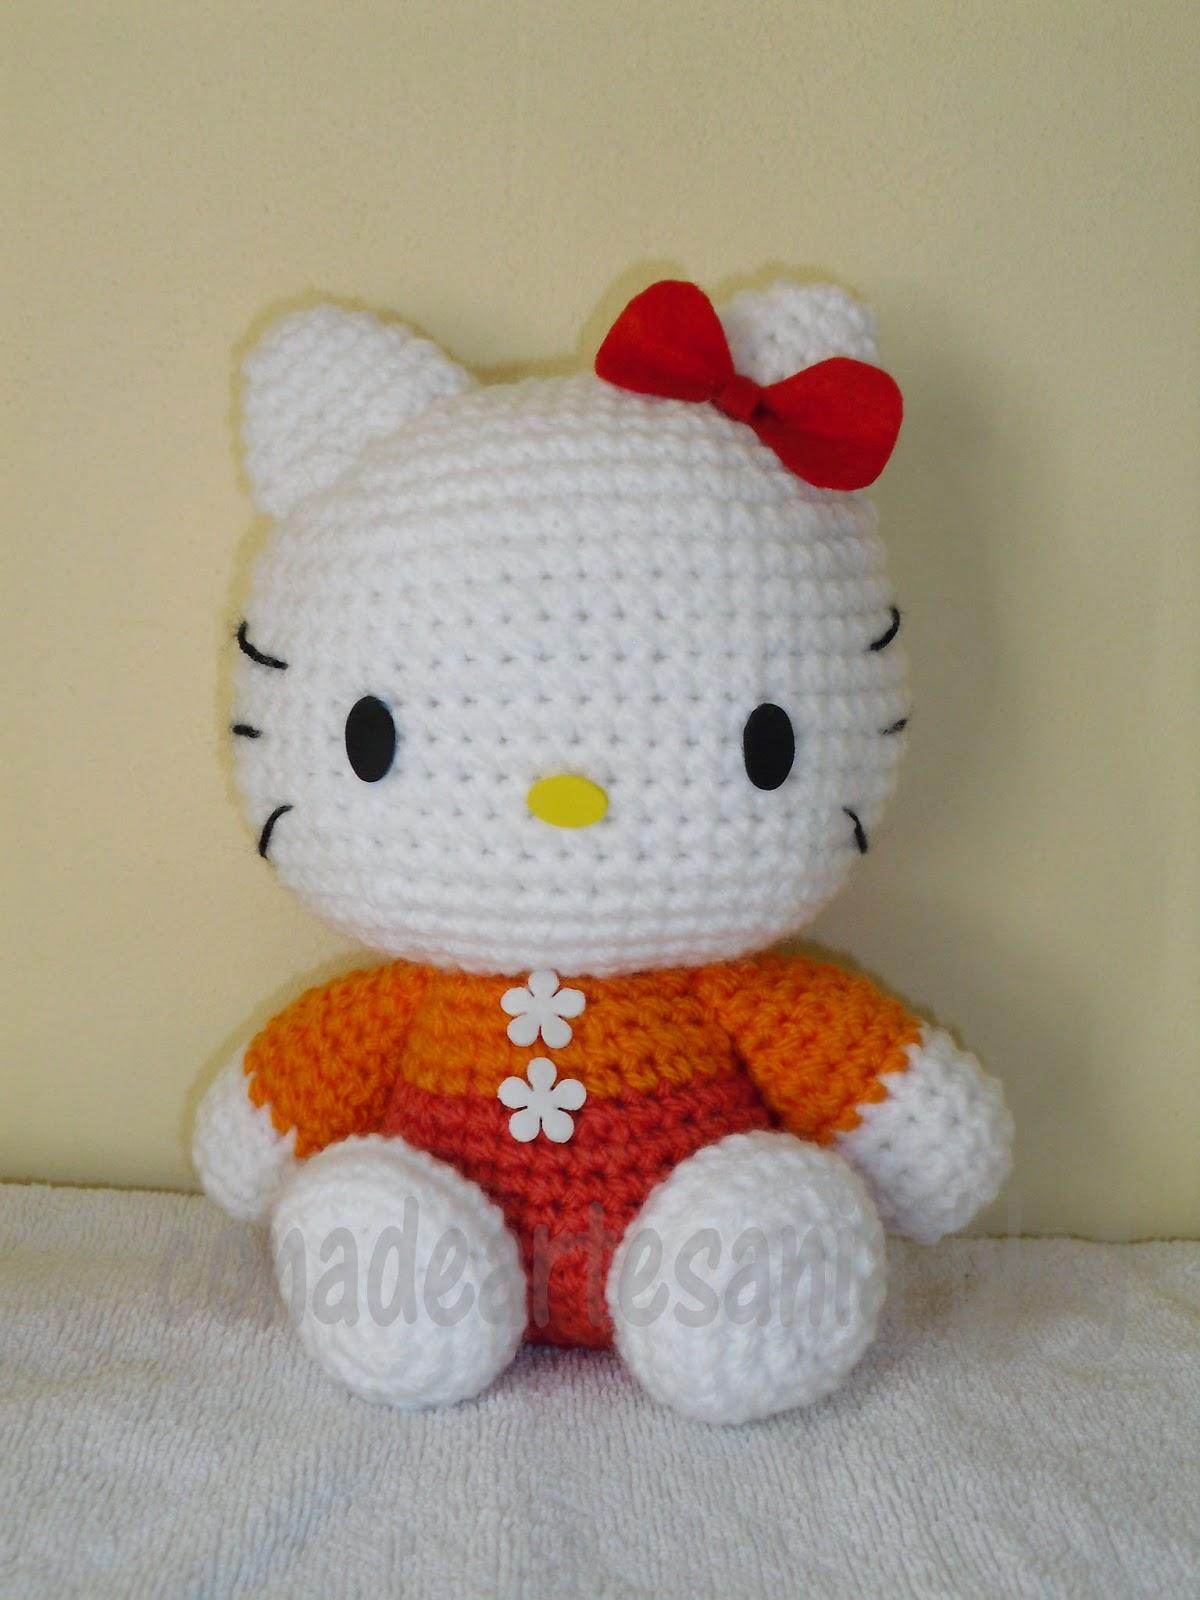 Tuto Gratuit Amigurumi Hello Kitty : con A de artesan?a: Amigurumis conejita kawaii y Hello Kitty